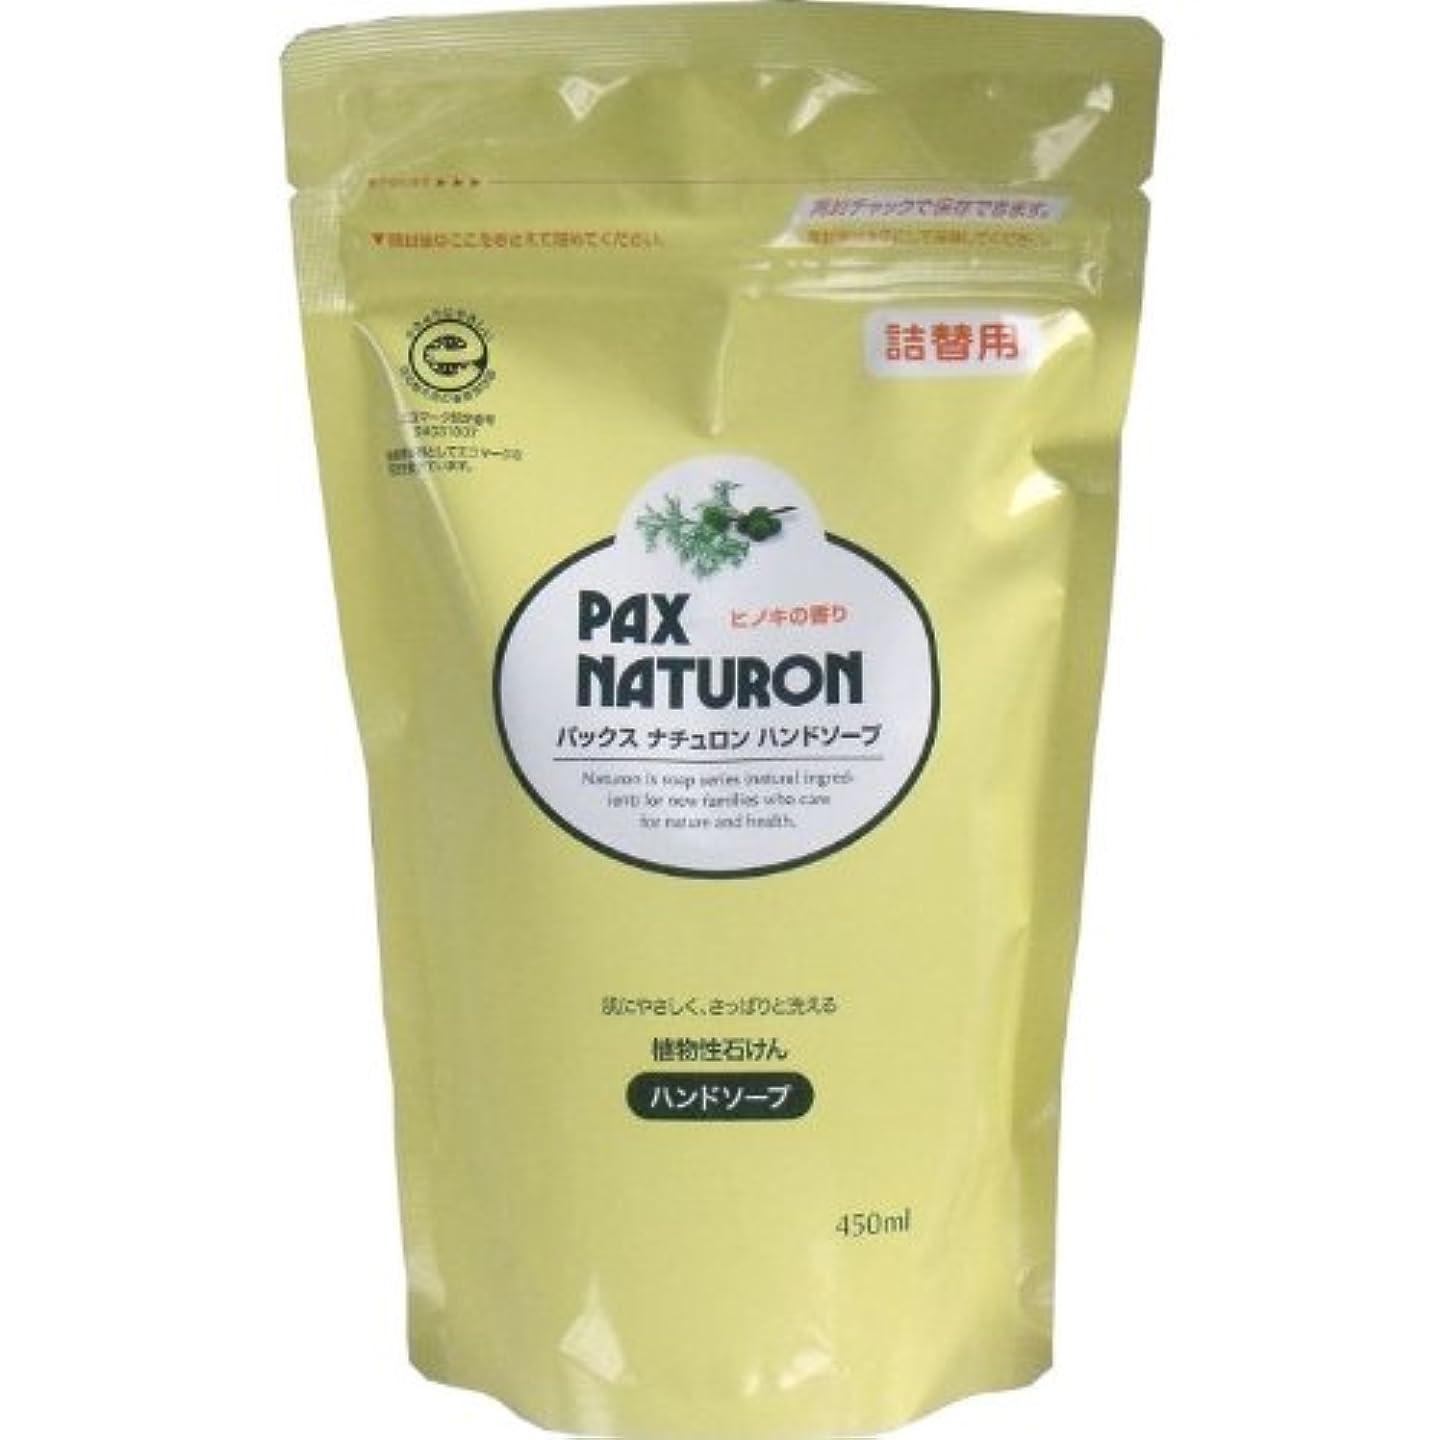 援助パレードエントリ肌にやさしく、さっぱりと洗える植物性石けん!植物性ハンドソープ 詰替用 450mL